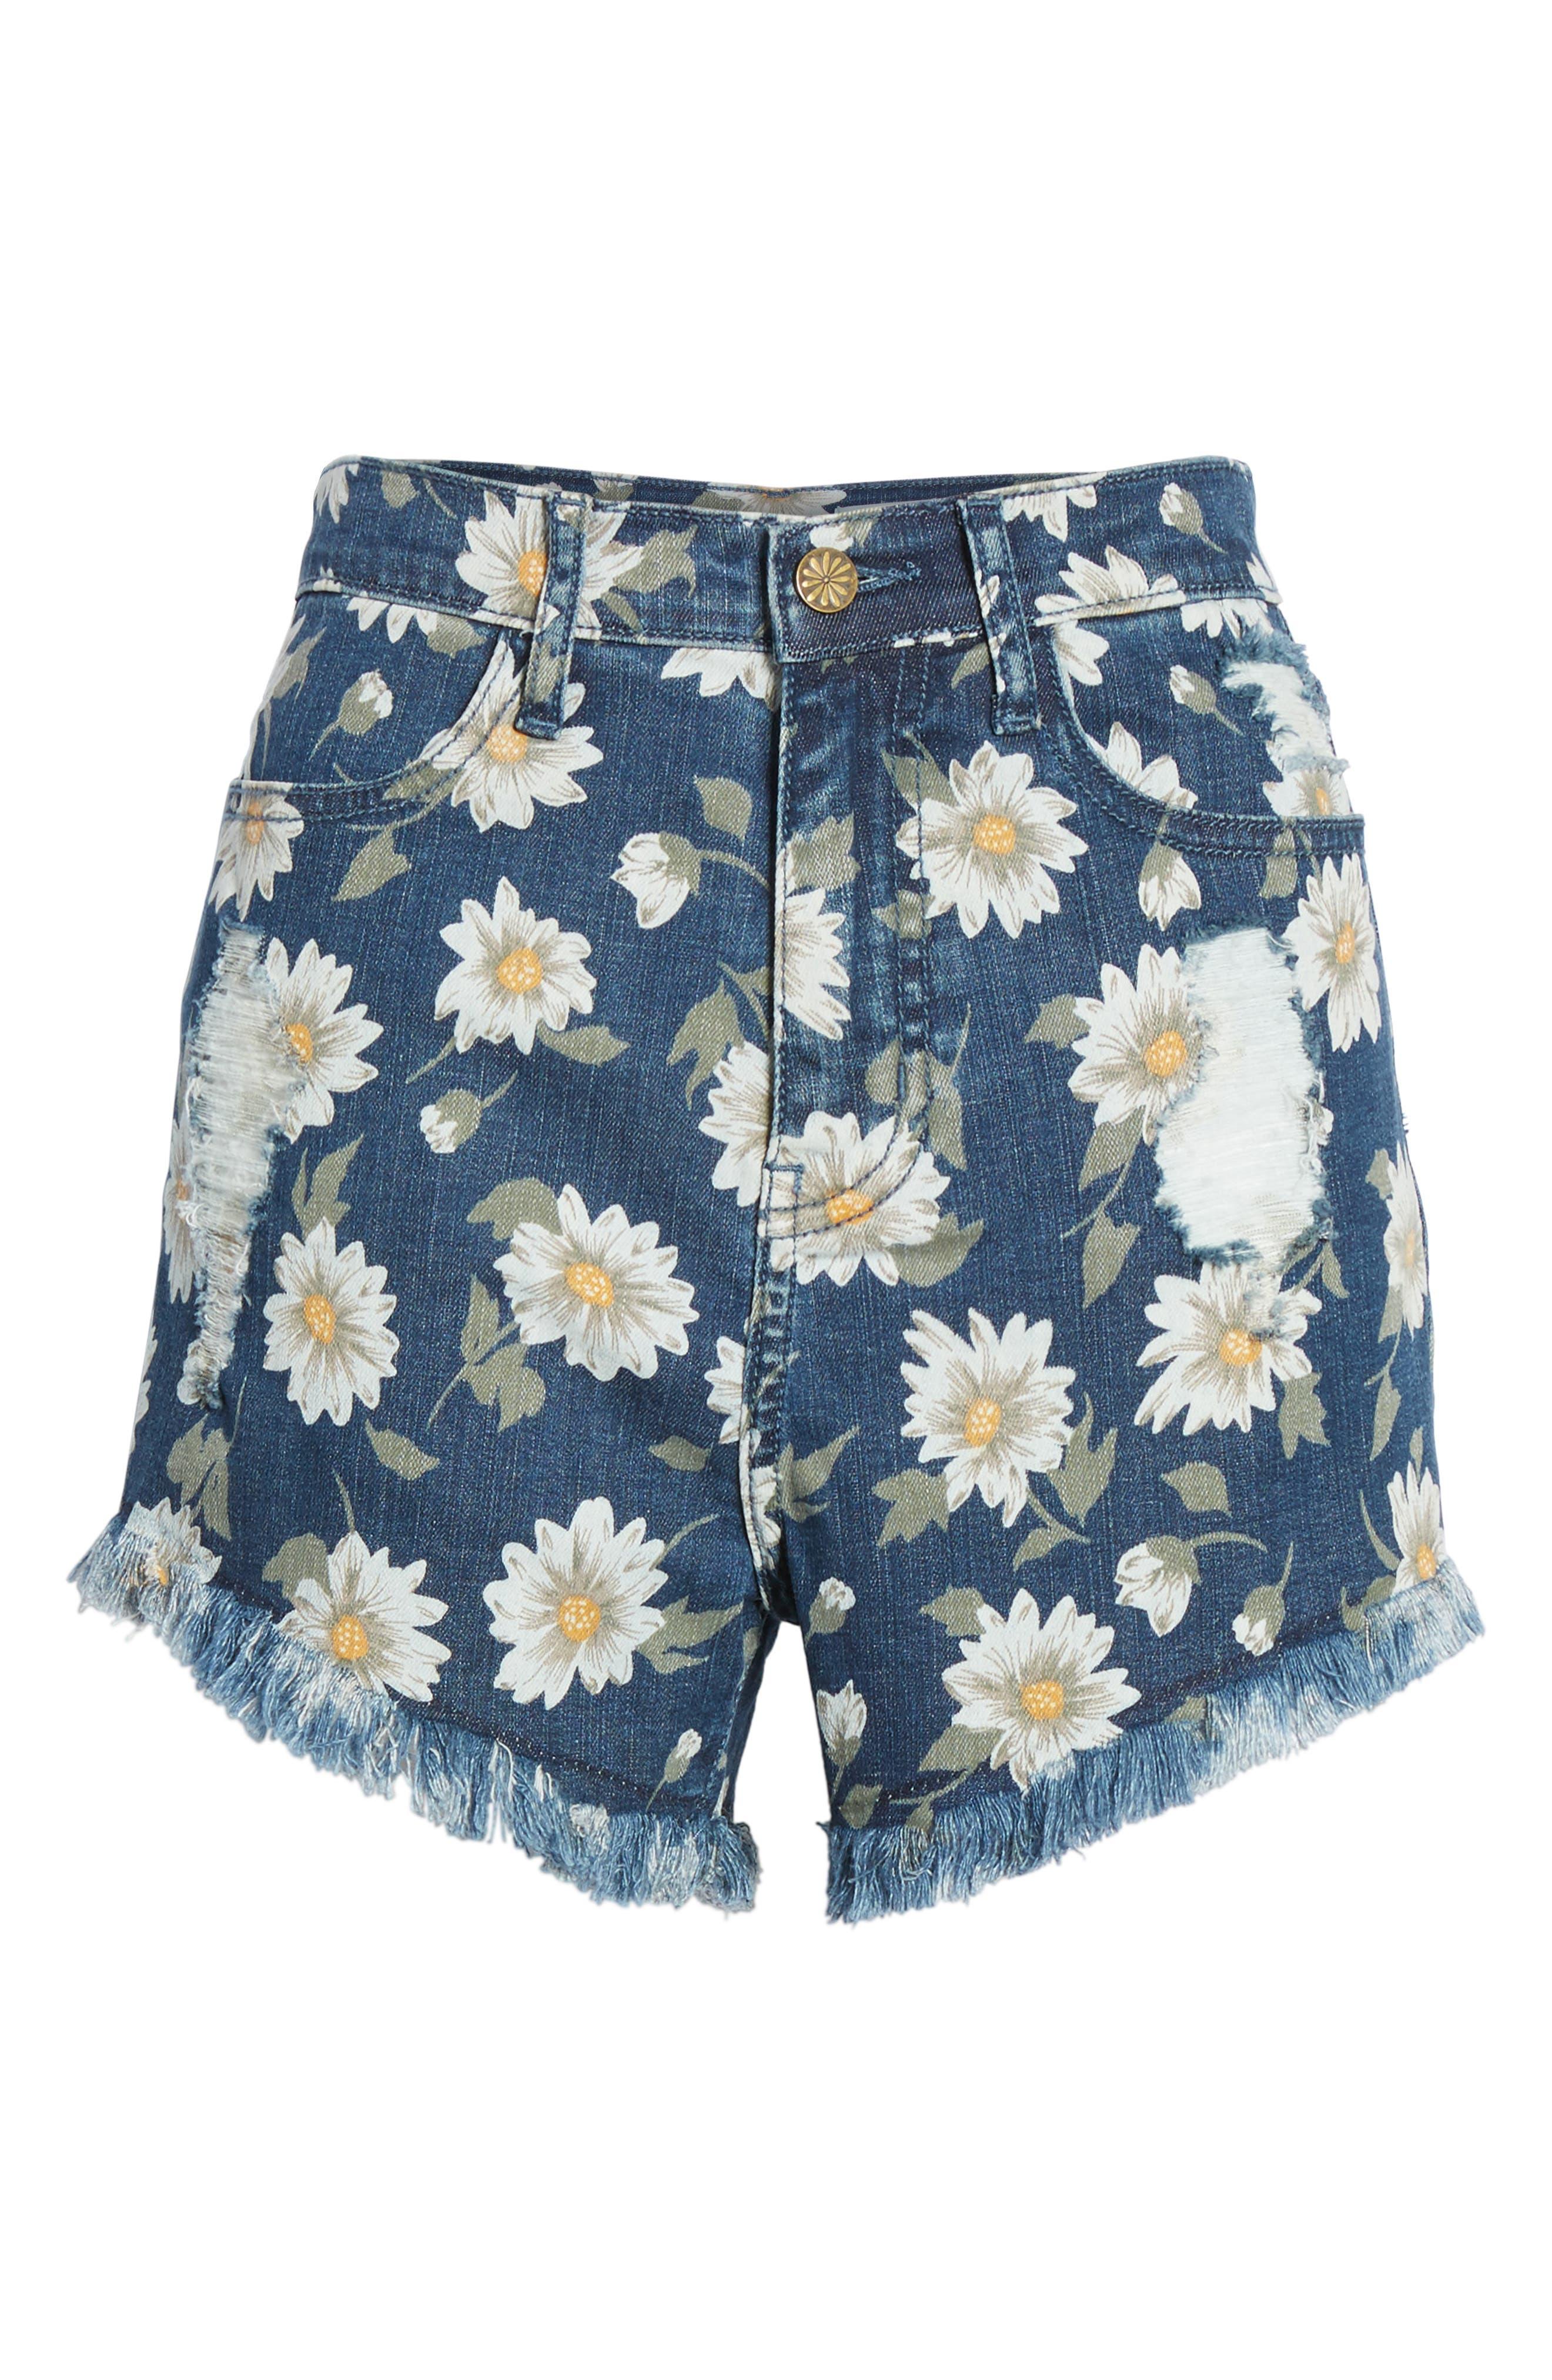 Toledo High Waist Cutoff Denim Shorts,                             Alternate thumbnail 7, color,                             Daisy Duke Denim